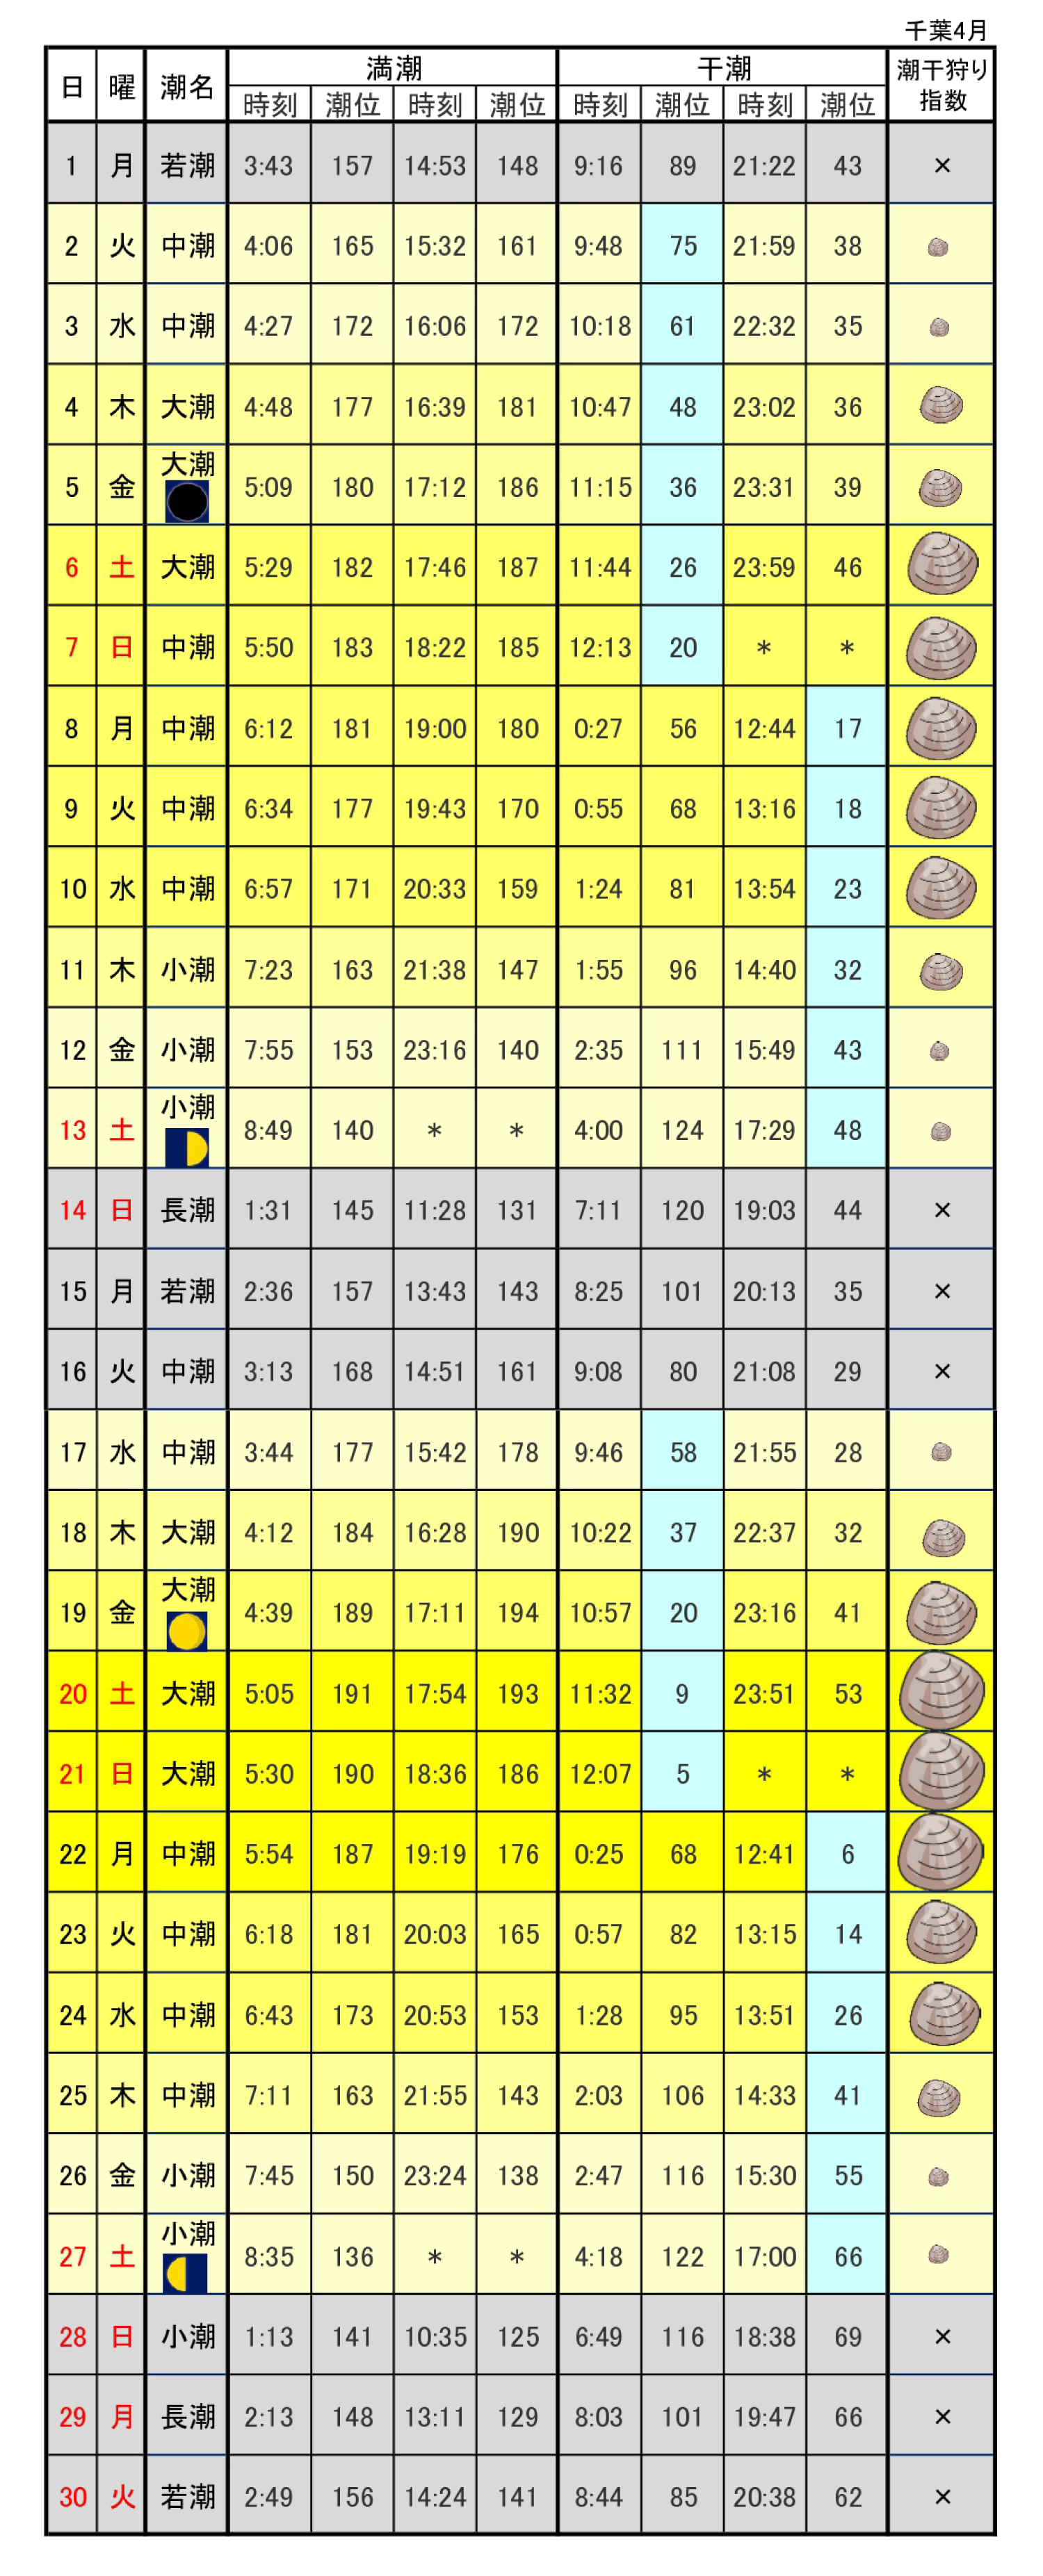 潮干狩り潮見表カレンダー千葉2019年4月